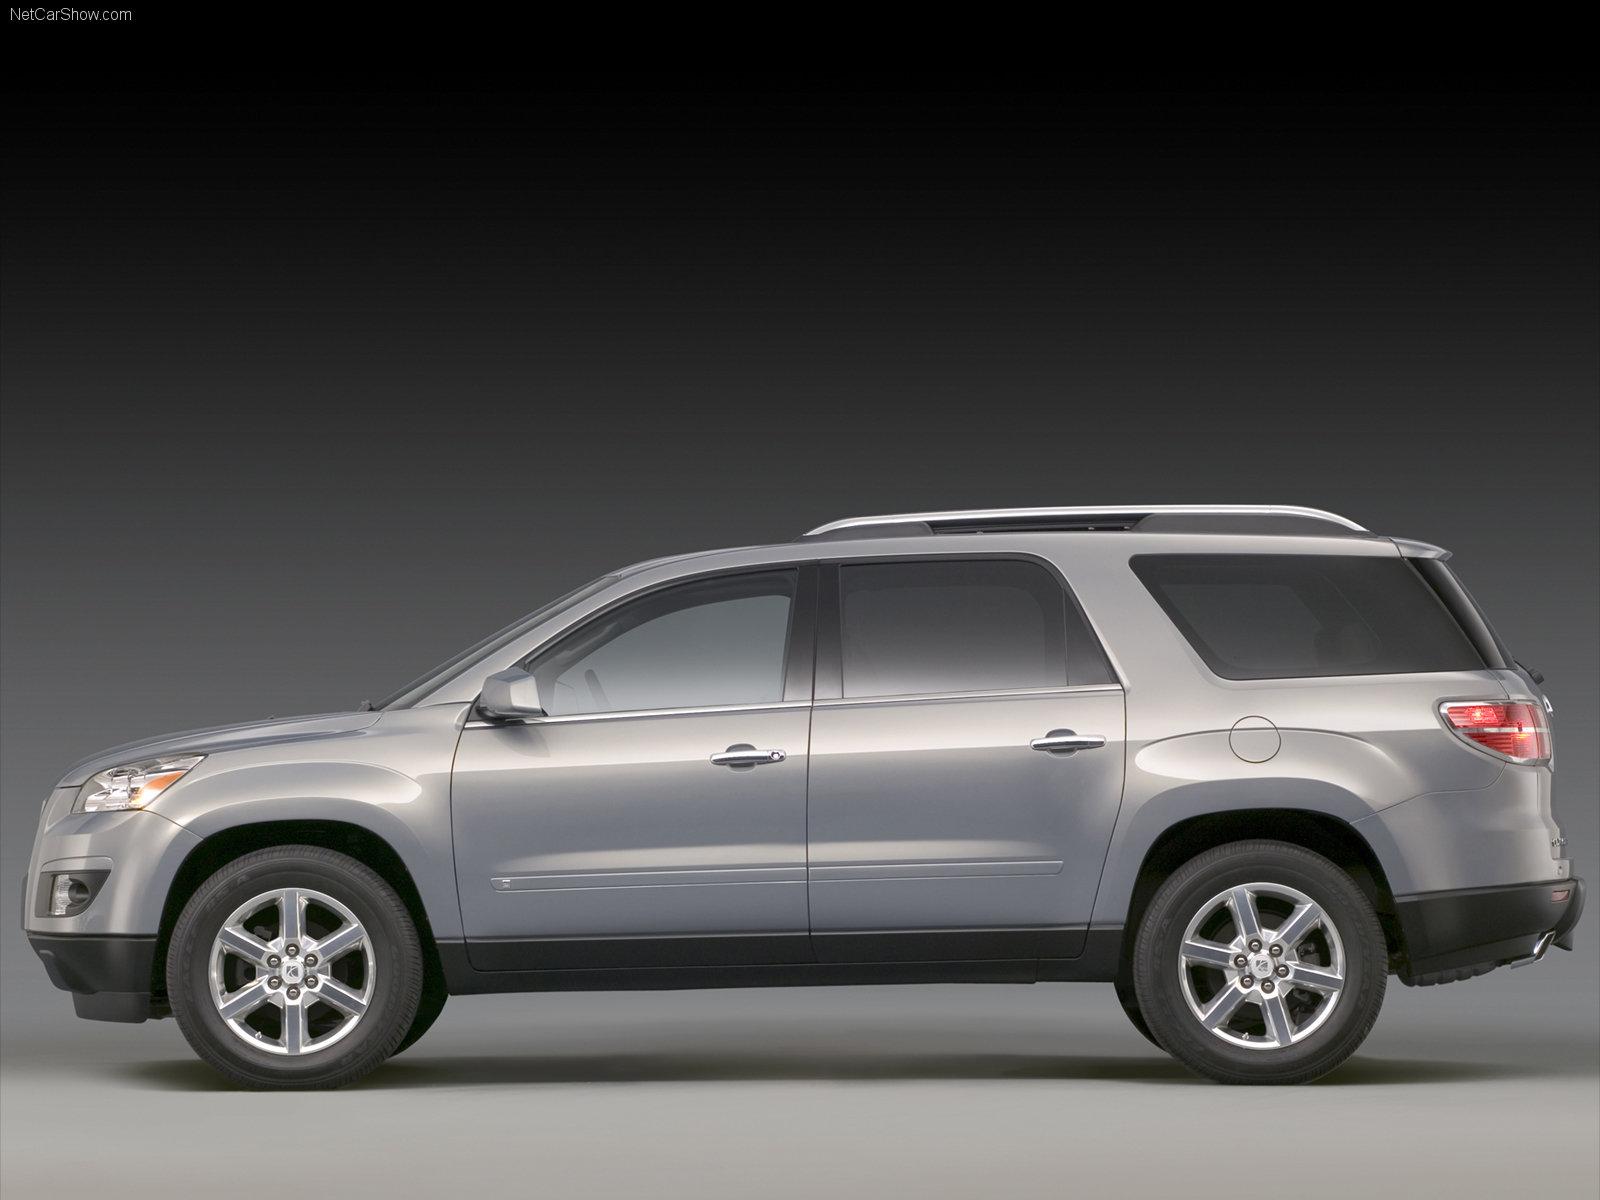 Hình ảnh xe ô tô Saturn Outlook 2007 & nội ngoại thất